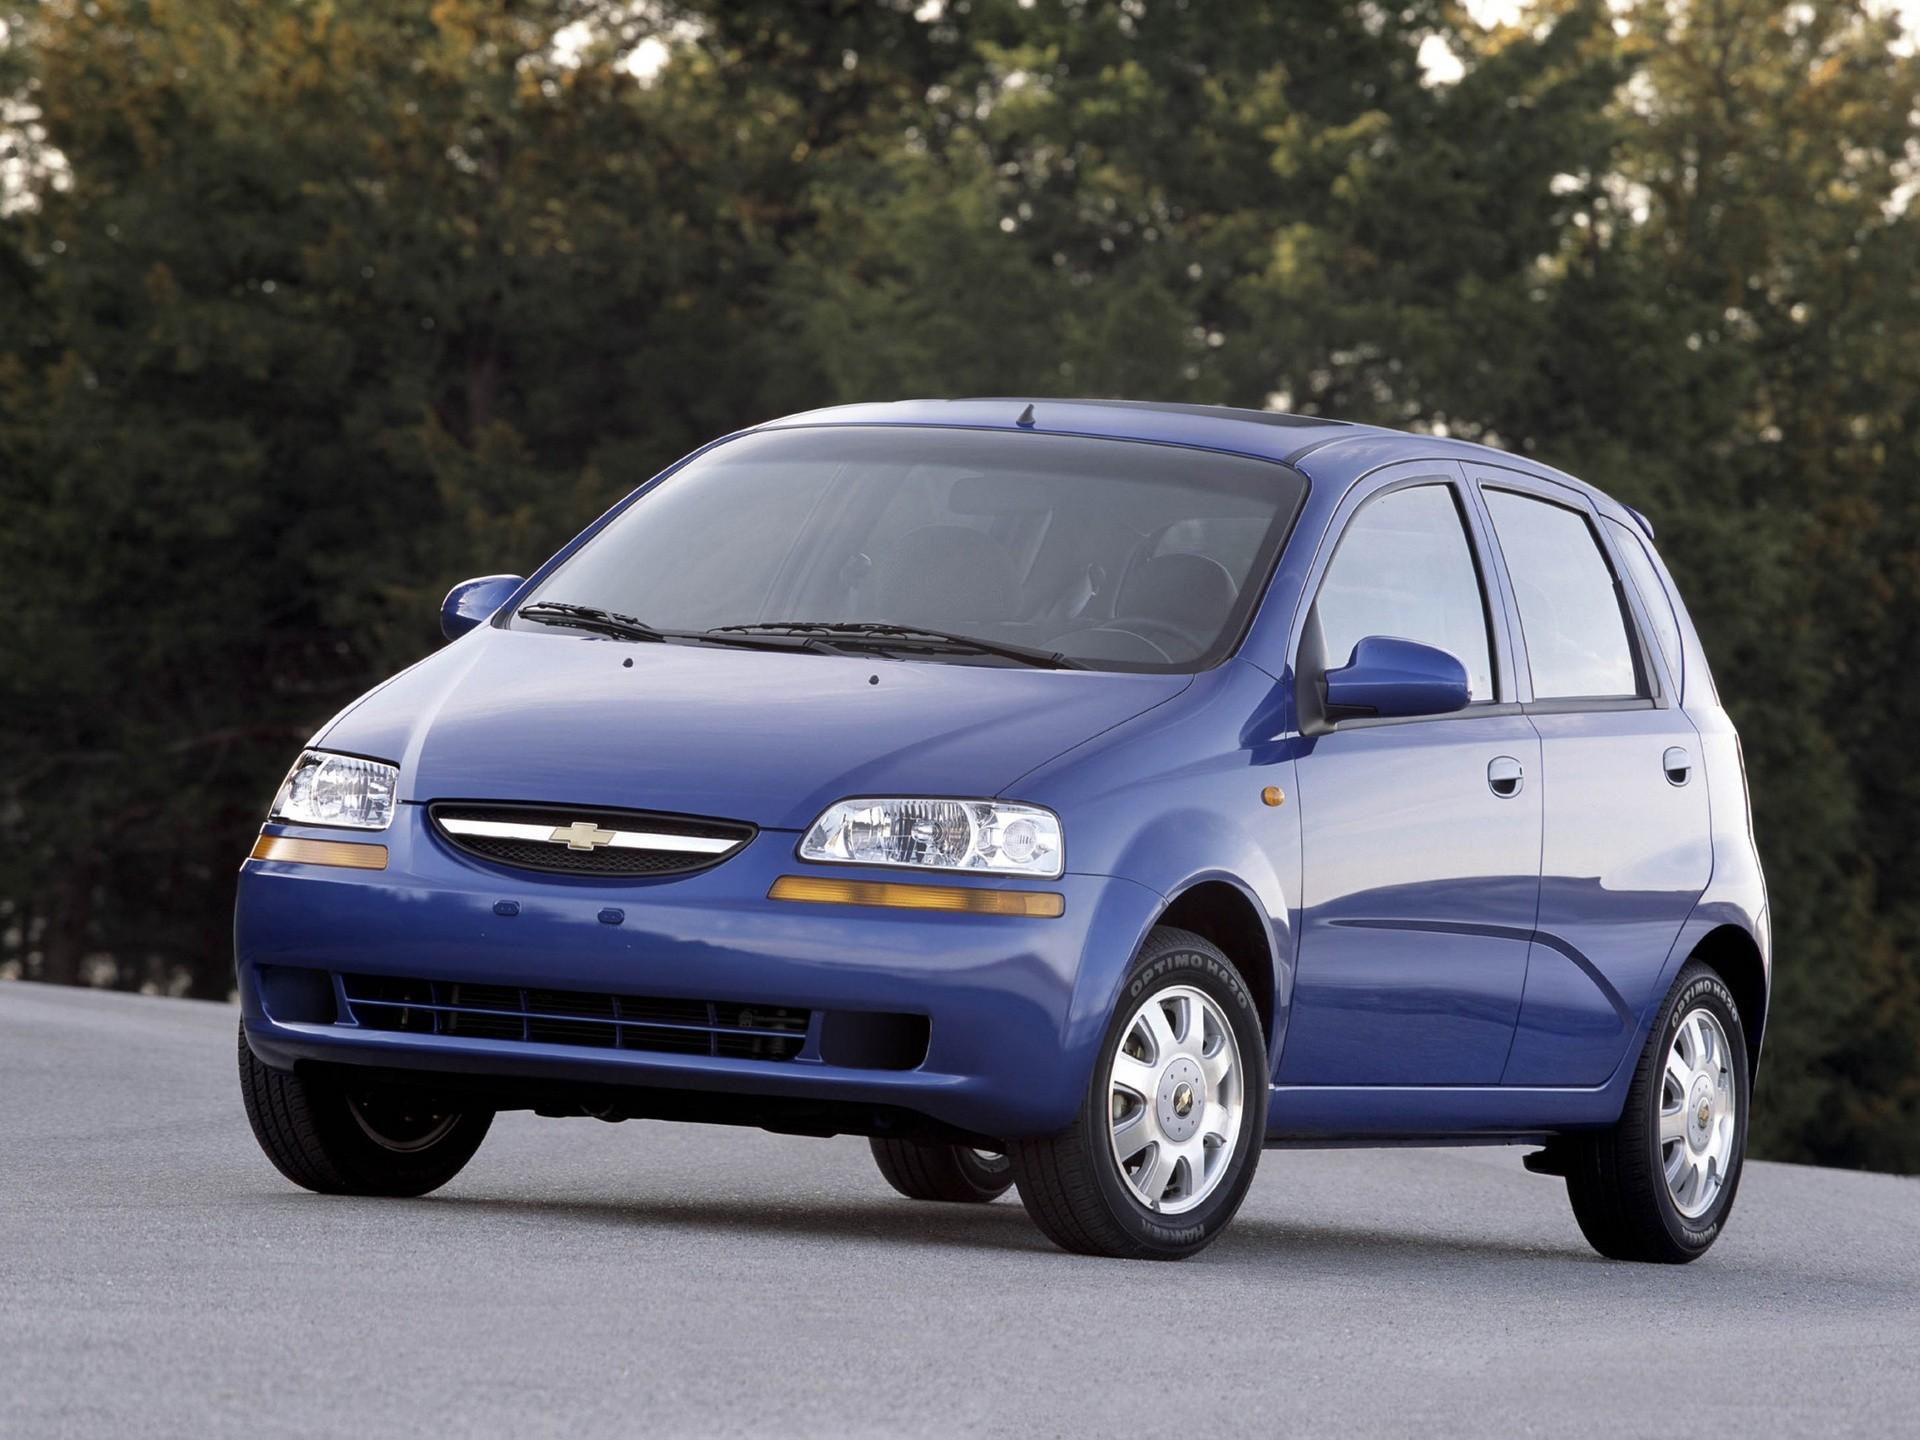 Chevrolet Kalos 2003 - 2008 Hatchback 3 door #7